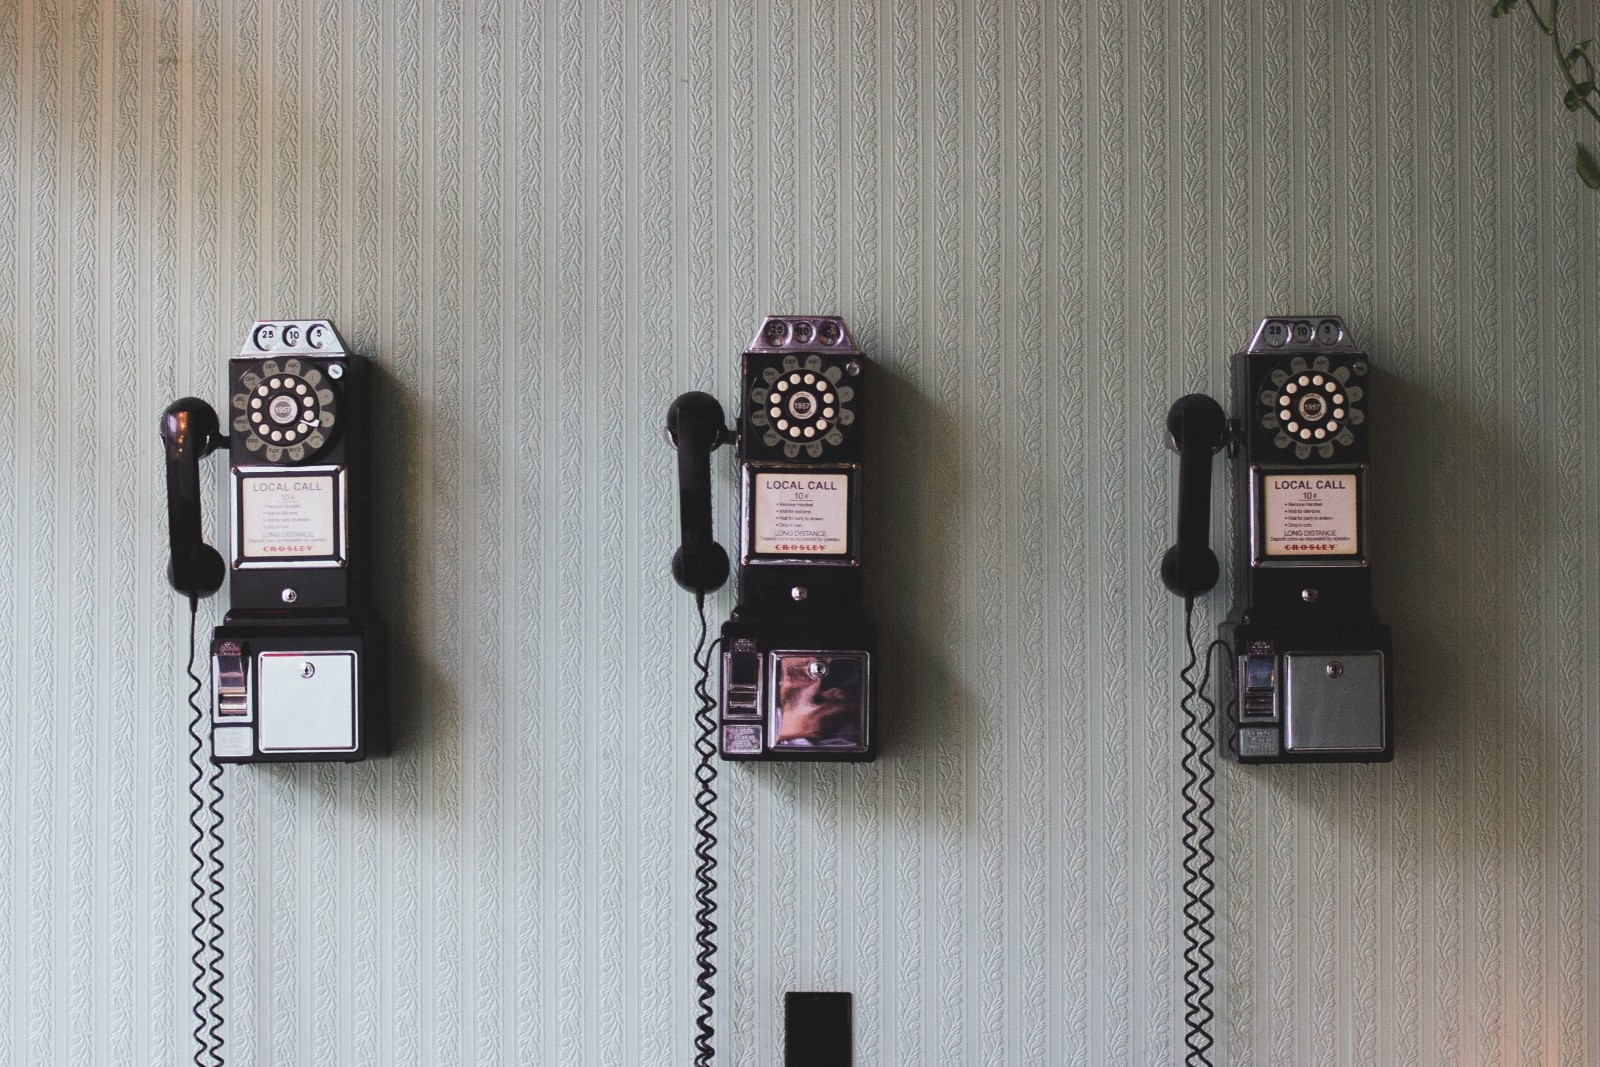 old-phones-telephones.jpg